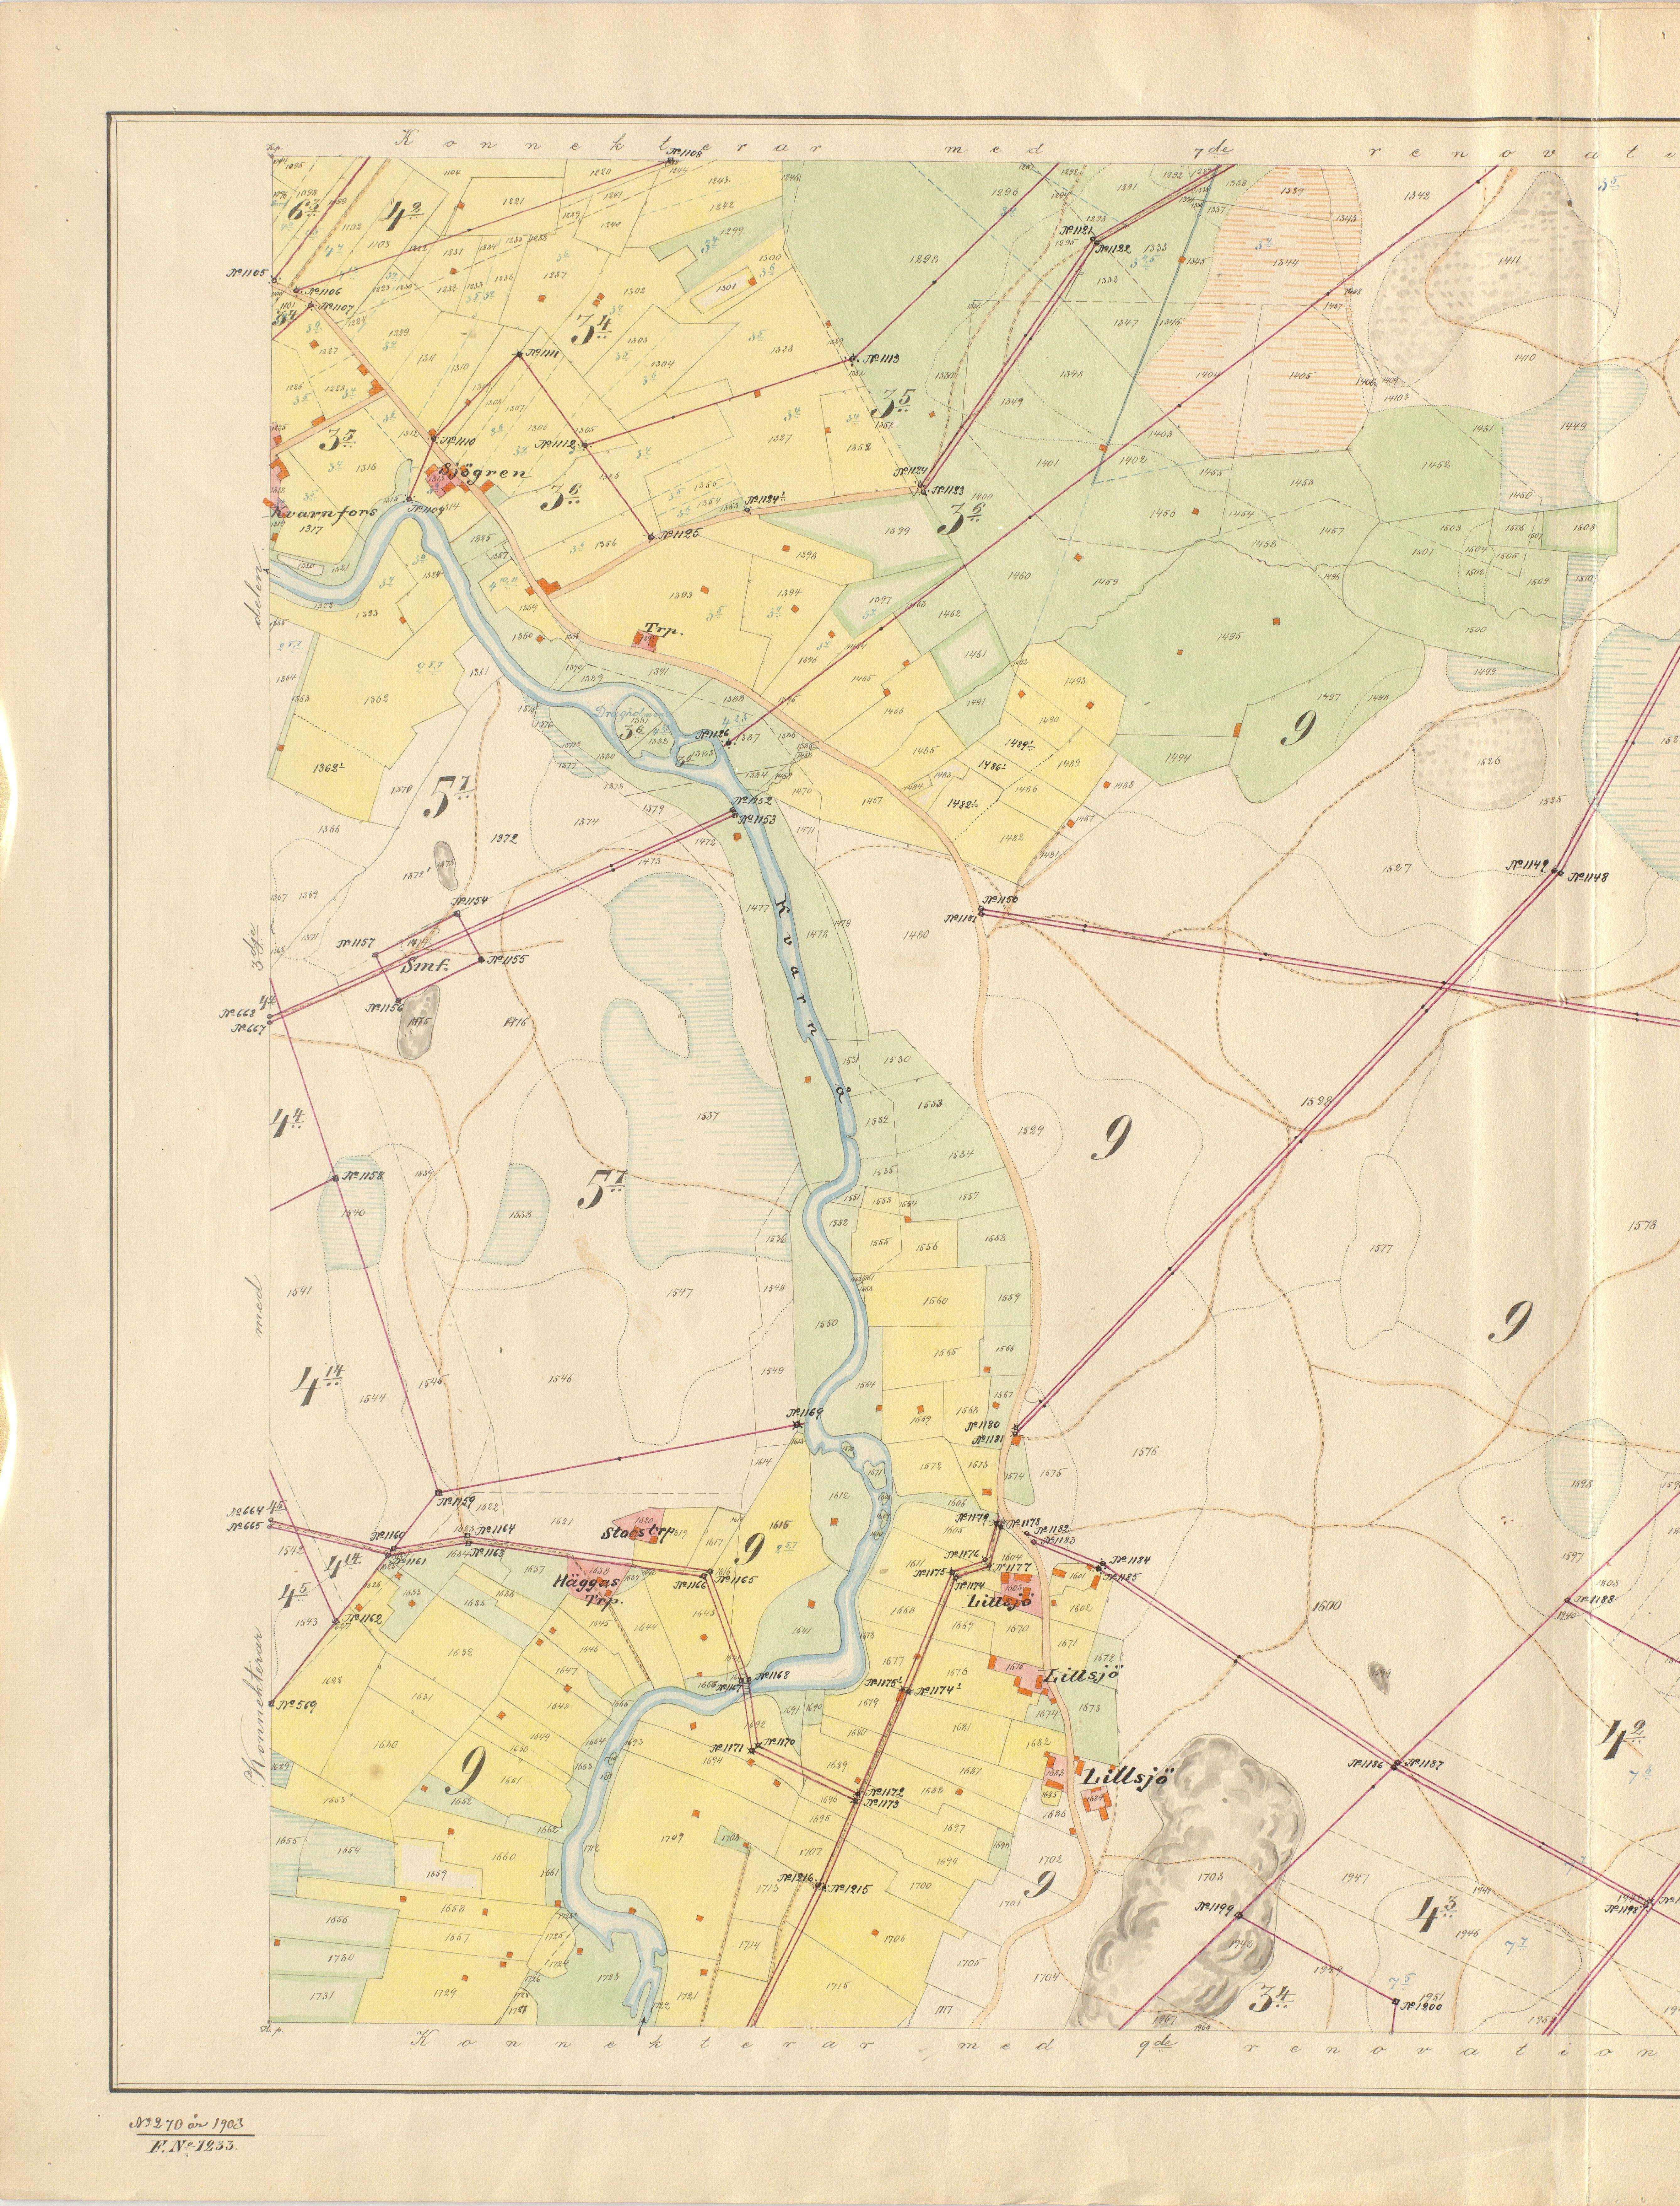 På detta kartblad av storskifteskartan, som ritades 1903, så ser vi både Kvarnå och norra delen av Lillsjö. Vissa vägar och broar som ritades in på kartan blev aldrig byggda.